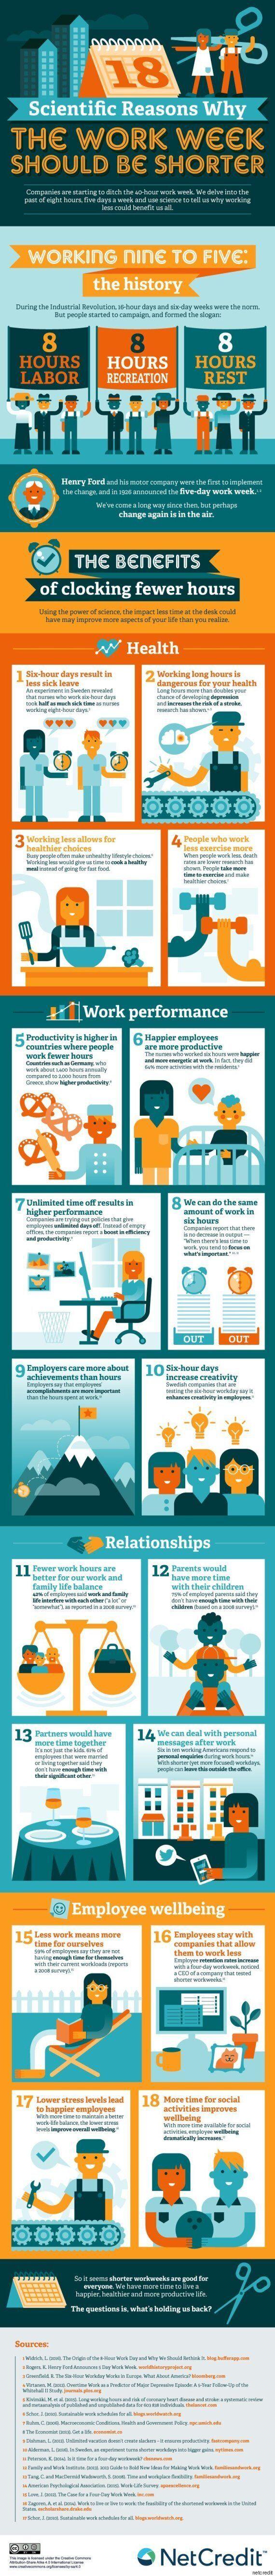 Lavorare meno comporta benefici per tutti: 18 ragioni in